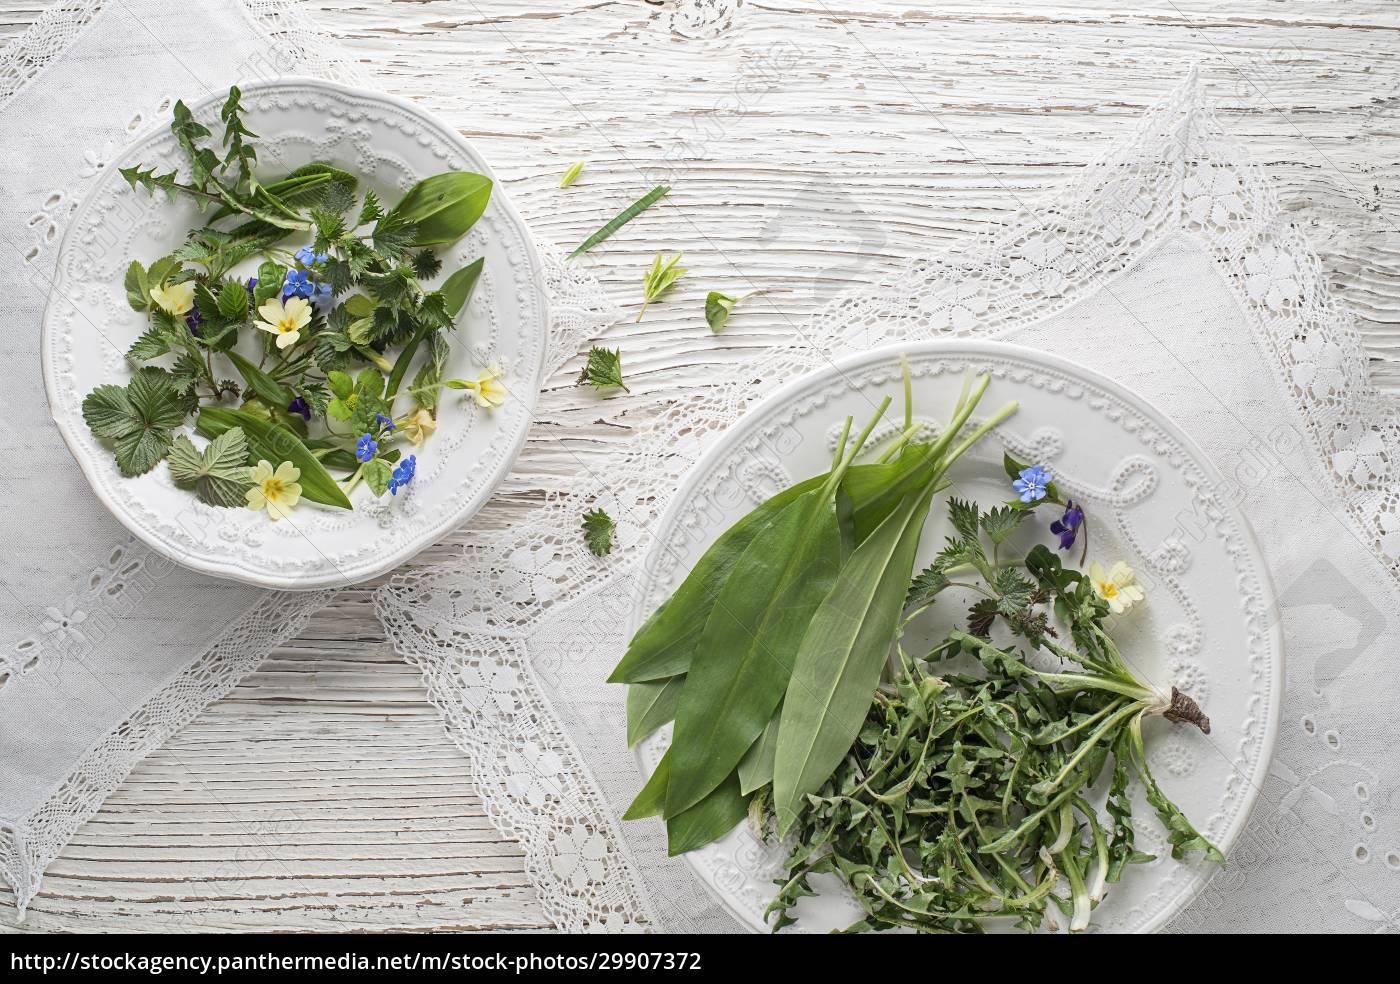 zdrowe, rośliny, wiosenne, składniki, żywności - 29907372